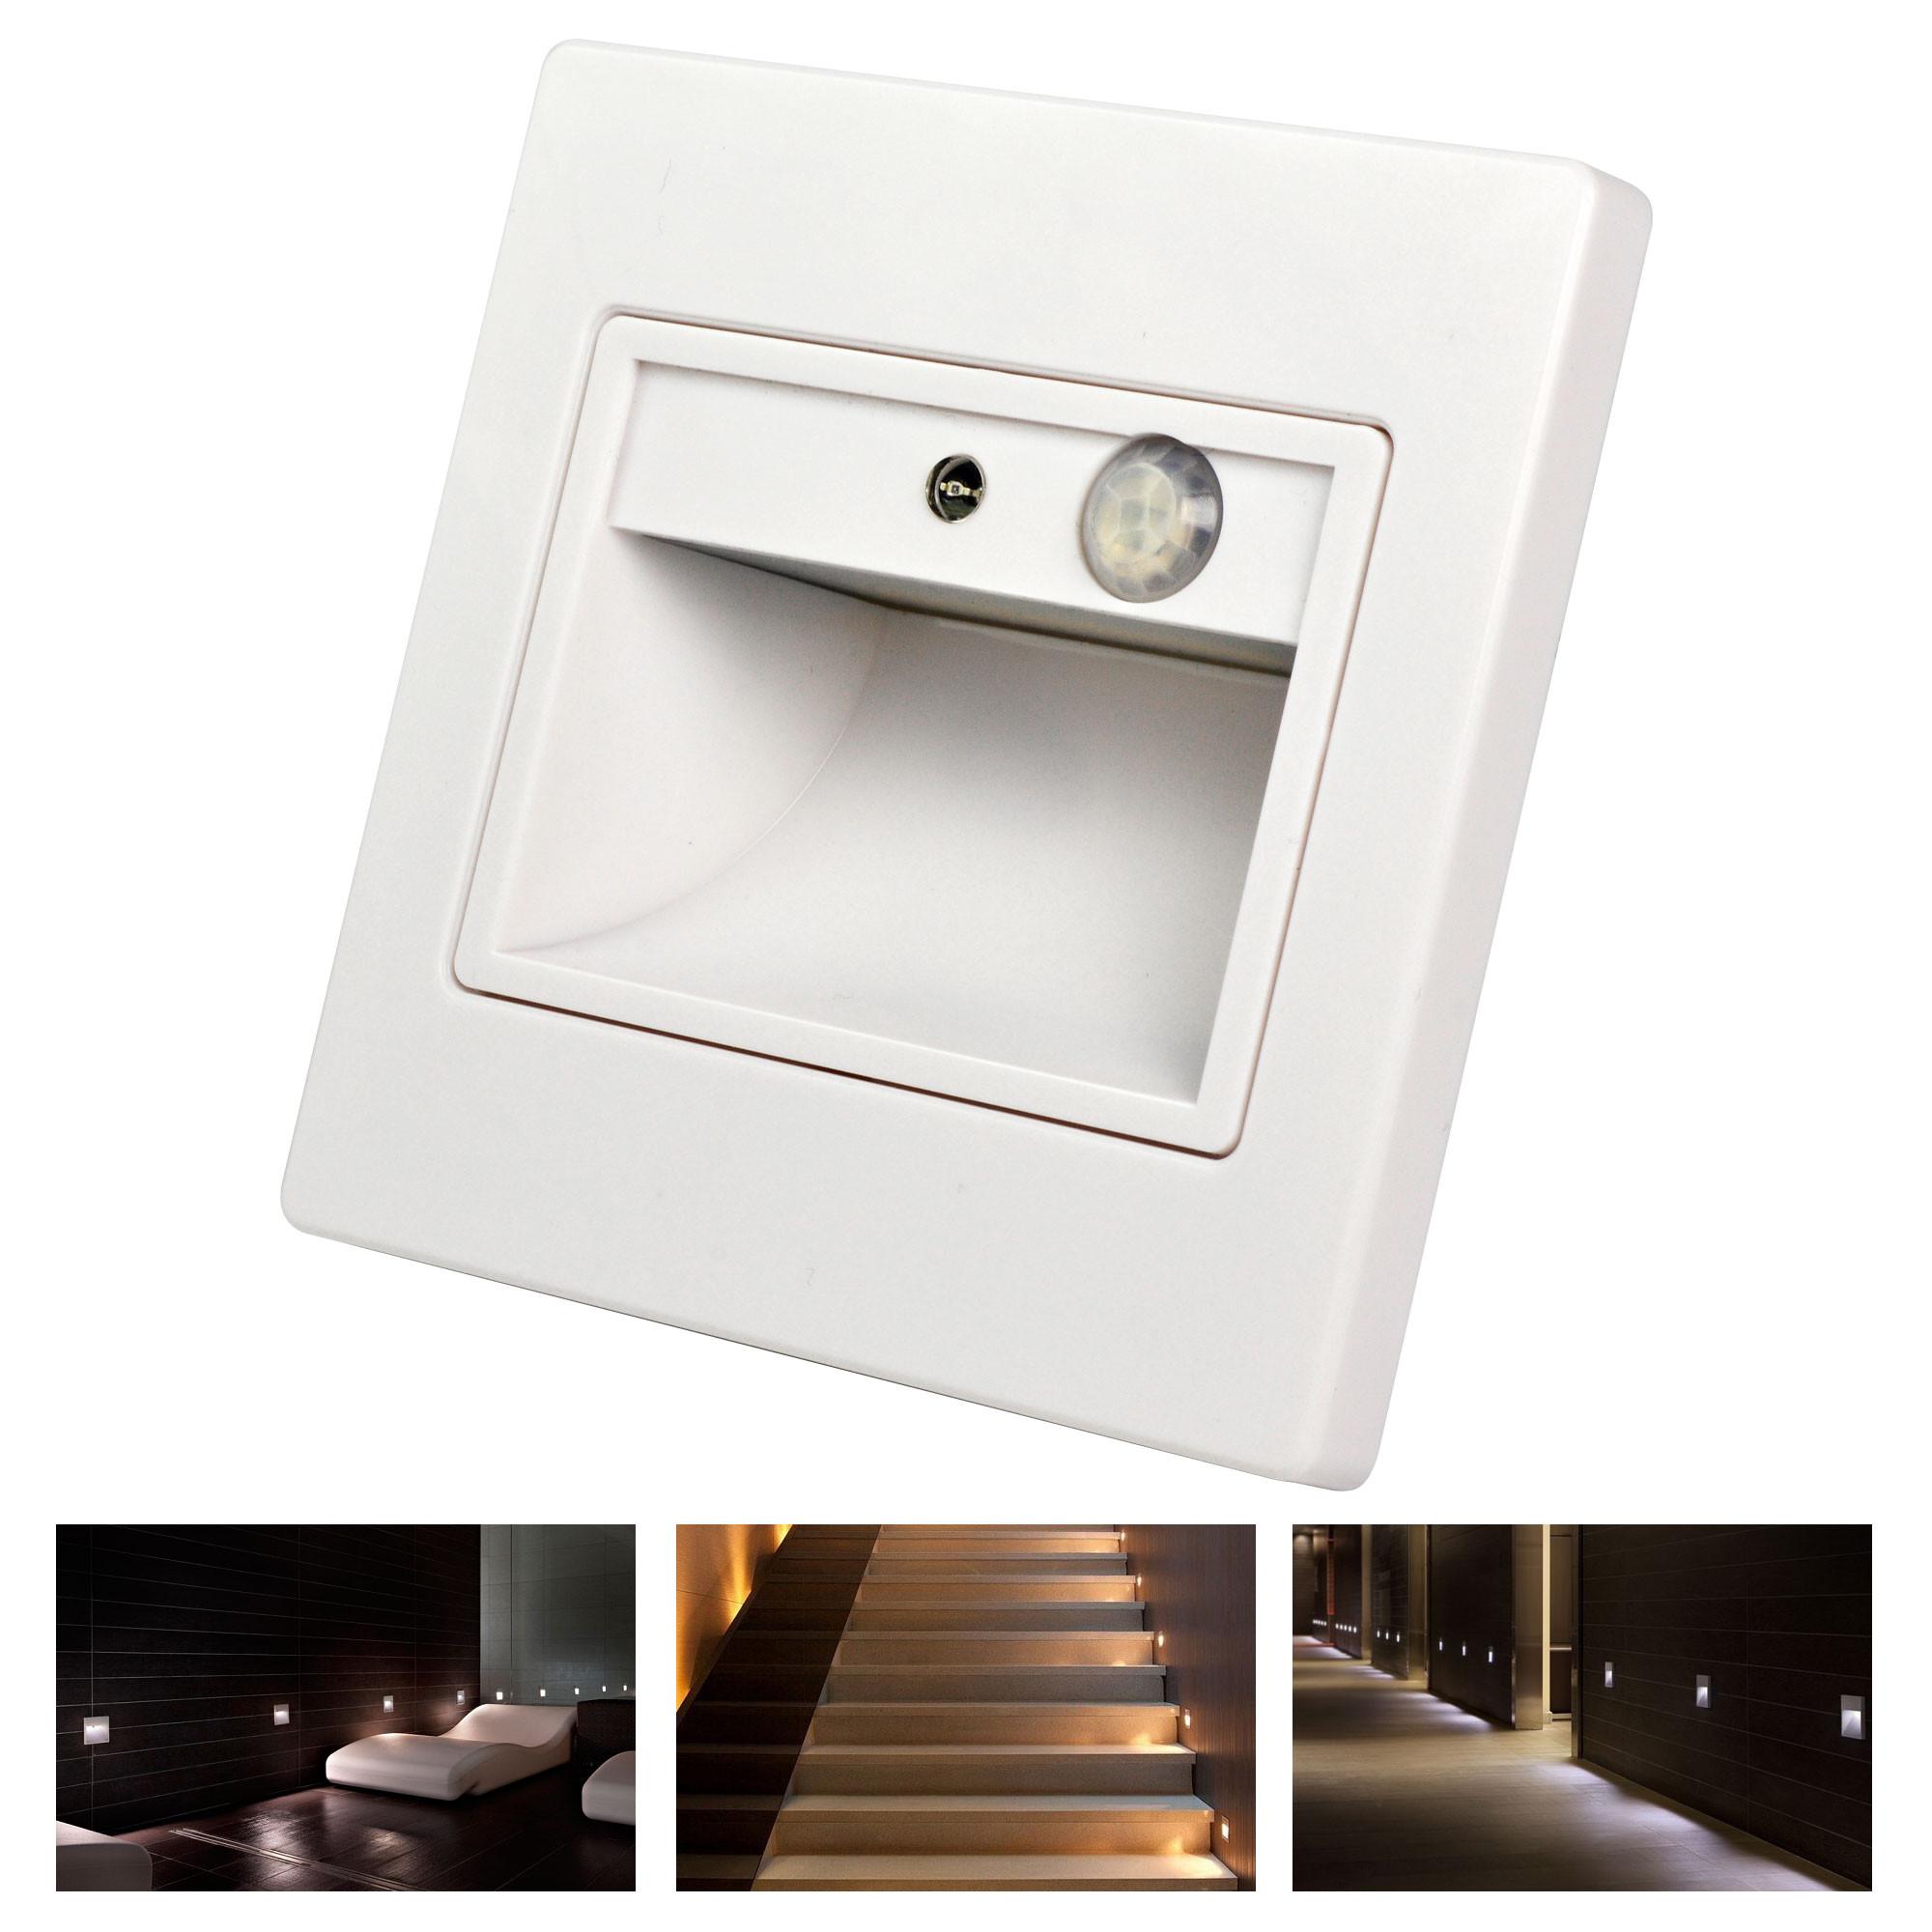 MENGS® 1.5W LED Body Motion Sensor Light 8x 5730 SMD LED Light Sensor Wall Step/Stair Light In Cool White Energy-Saving Light - White